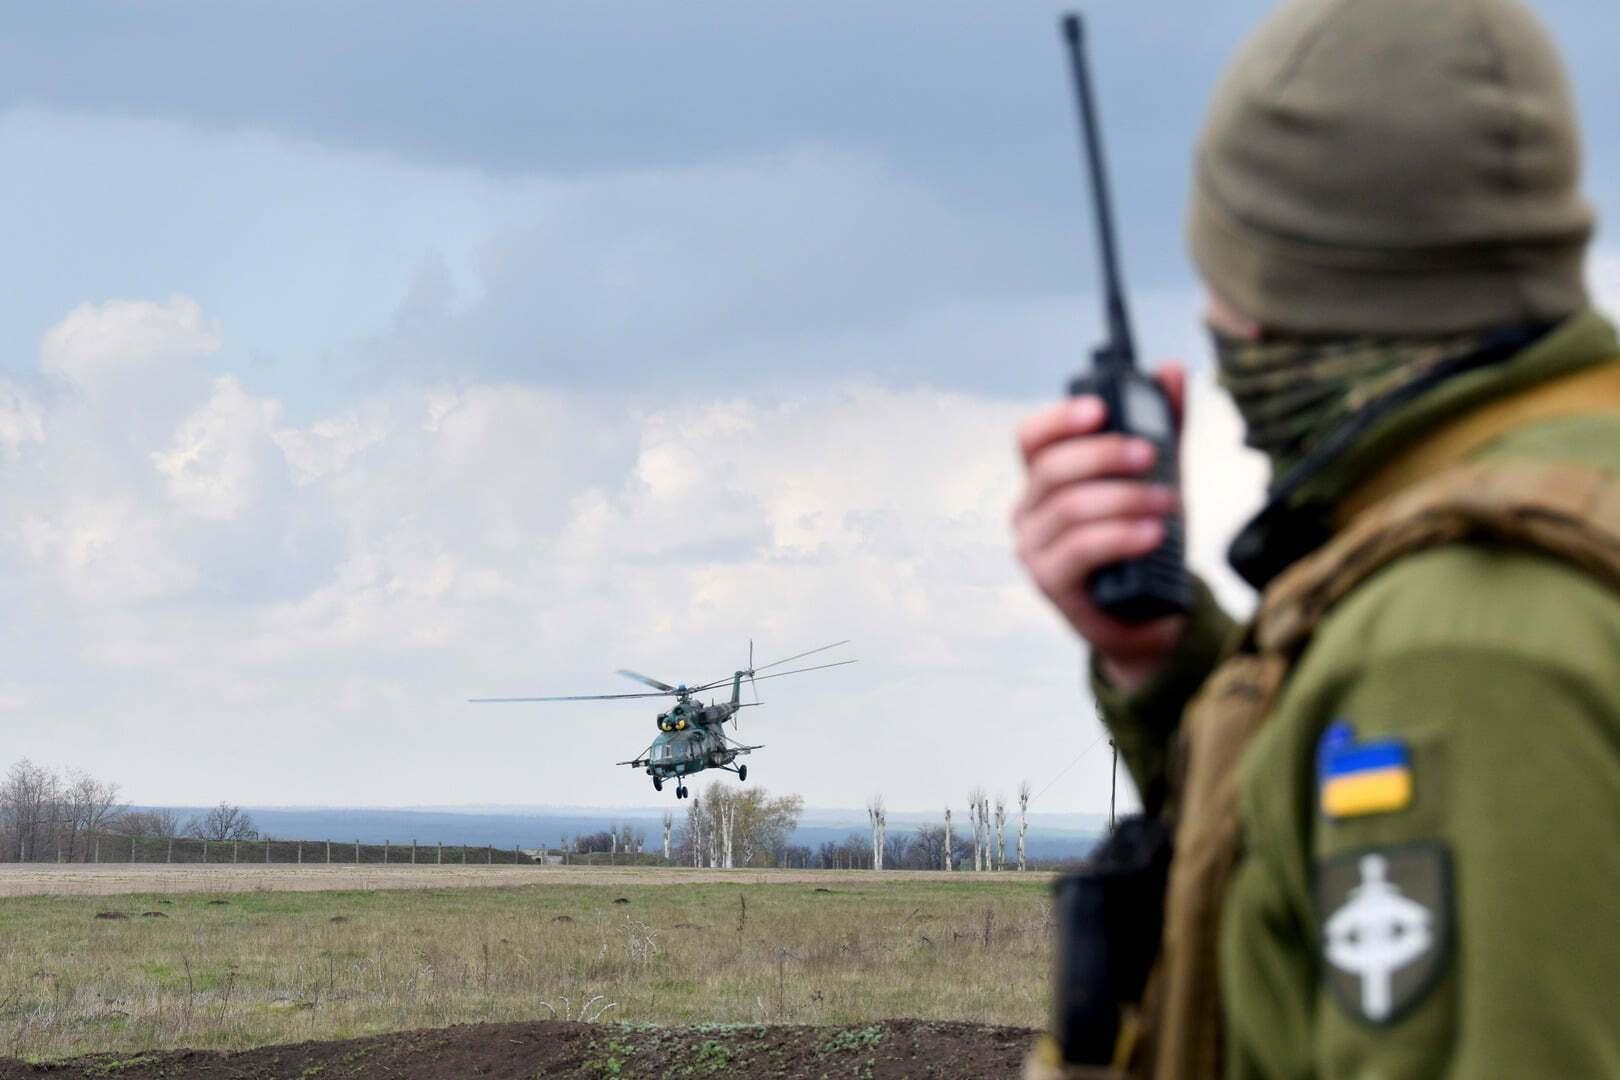 Экипажи Ми-8 в зоне ООС тренировались уничтожать наземные целы противника